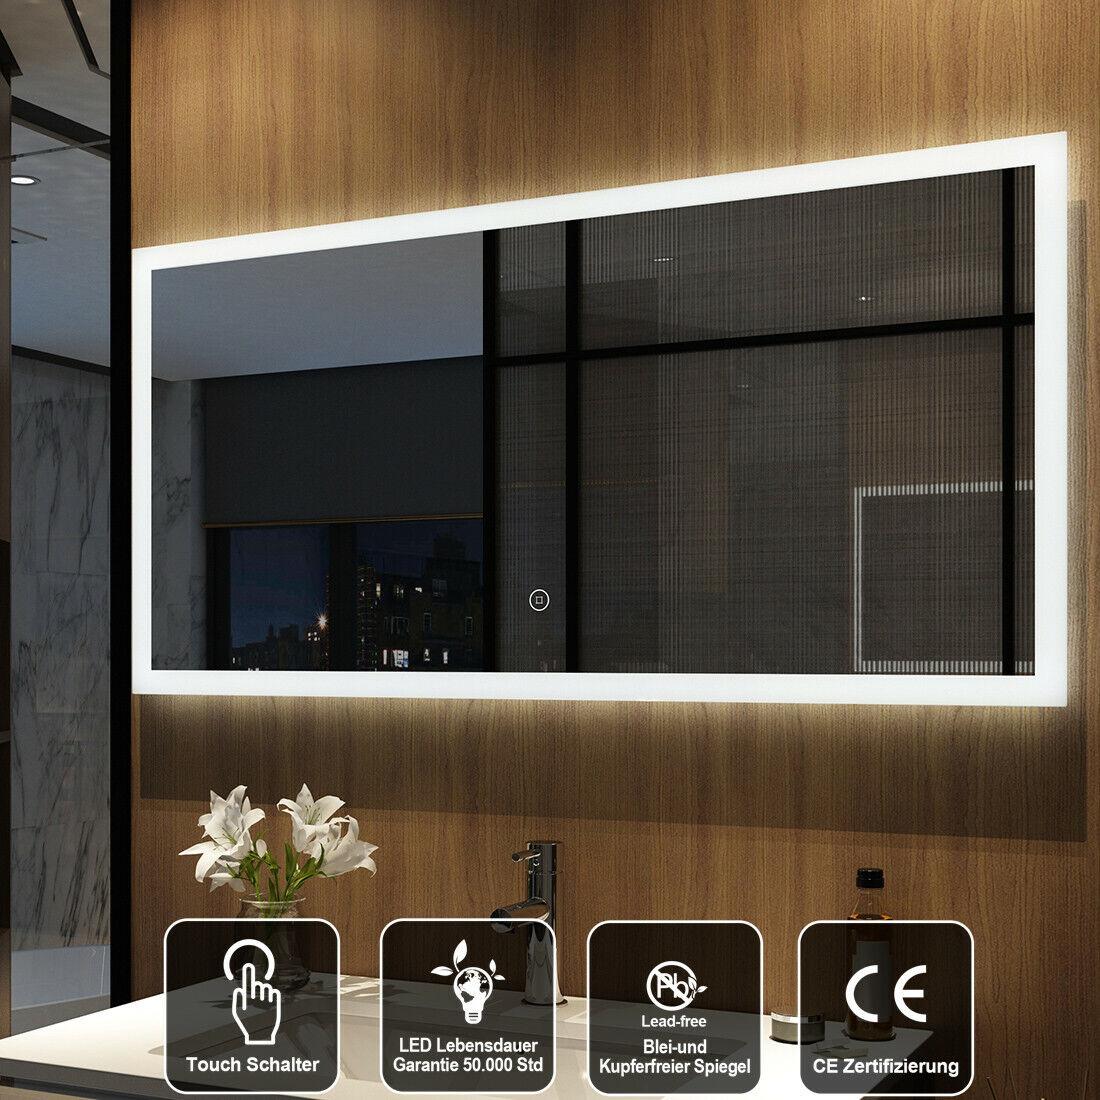 Badezimmerspiegel 120x60 Badspiegel LED Spiegel Touch Beleuchtung Wandspiegel